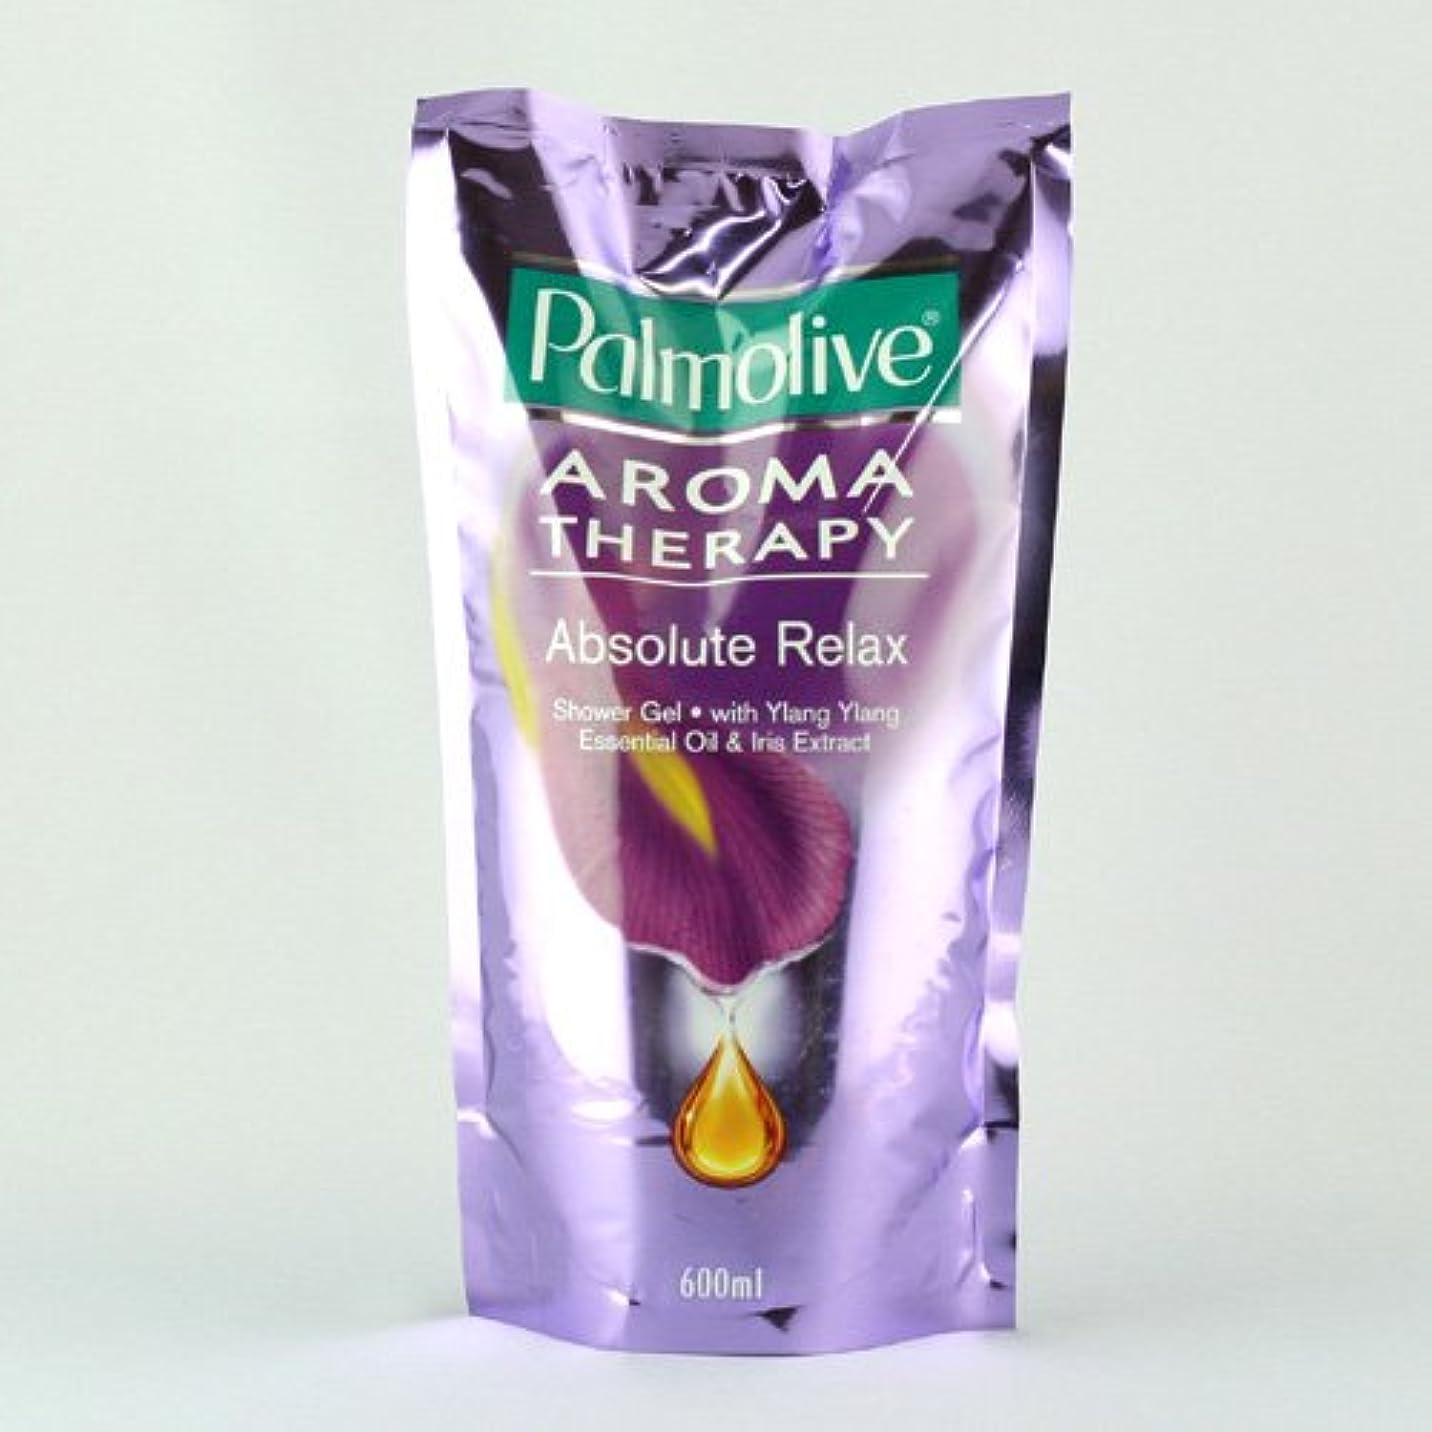 故国かすかなで出来ている【Palmolive】パルモリーブ シャワージェル詰め替え用(アブスルートリラックス) 600ml / 25oz